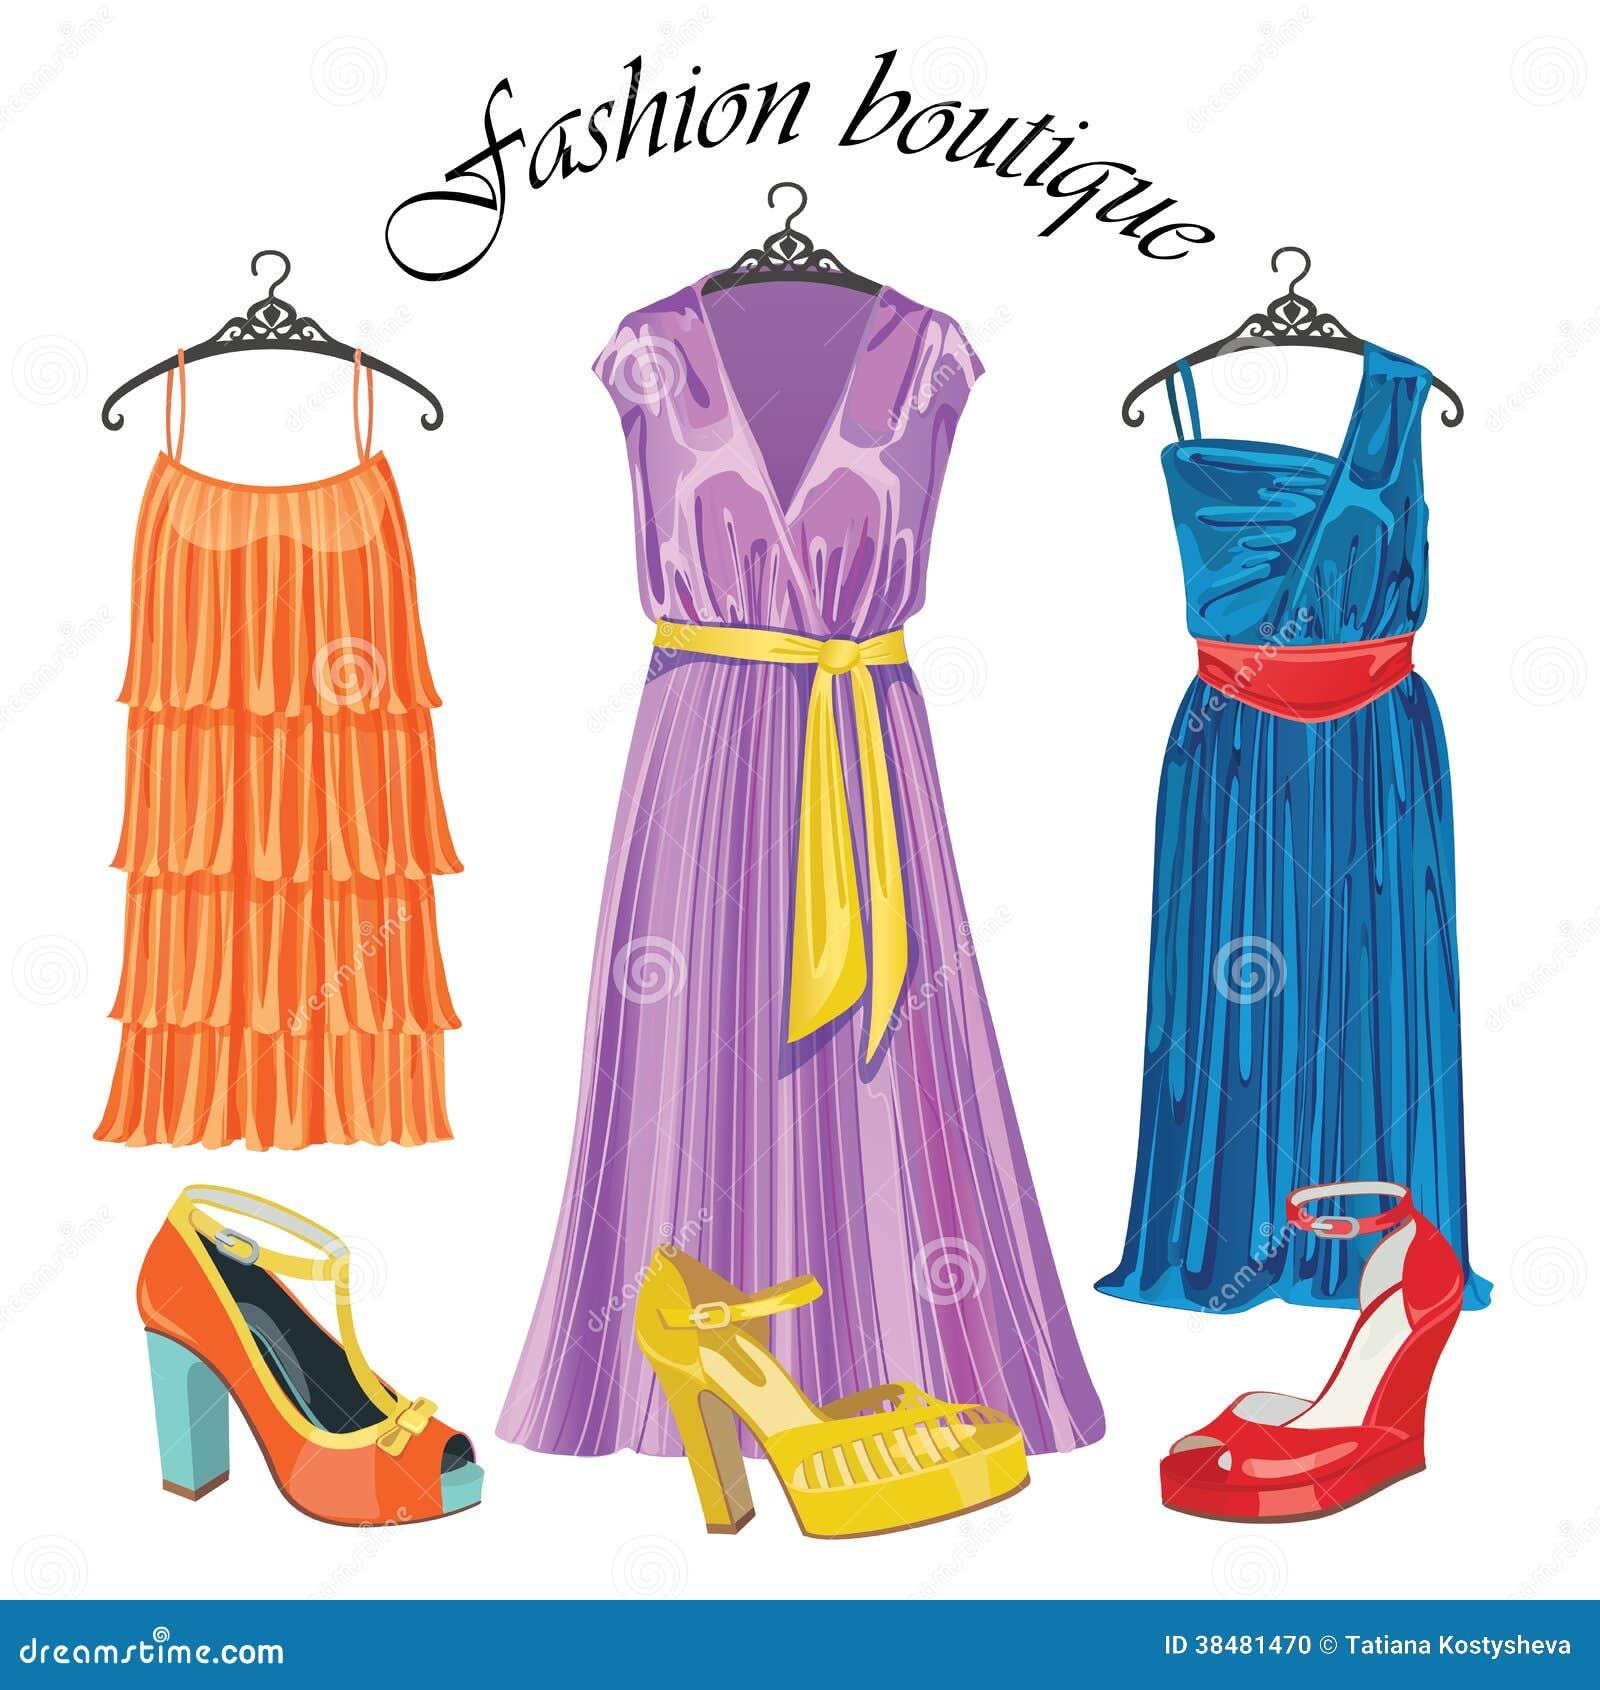 Fashion Boutique Clipart